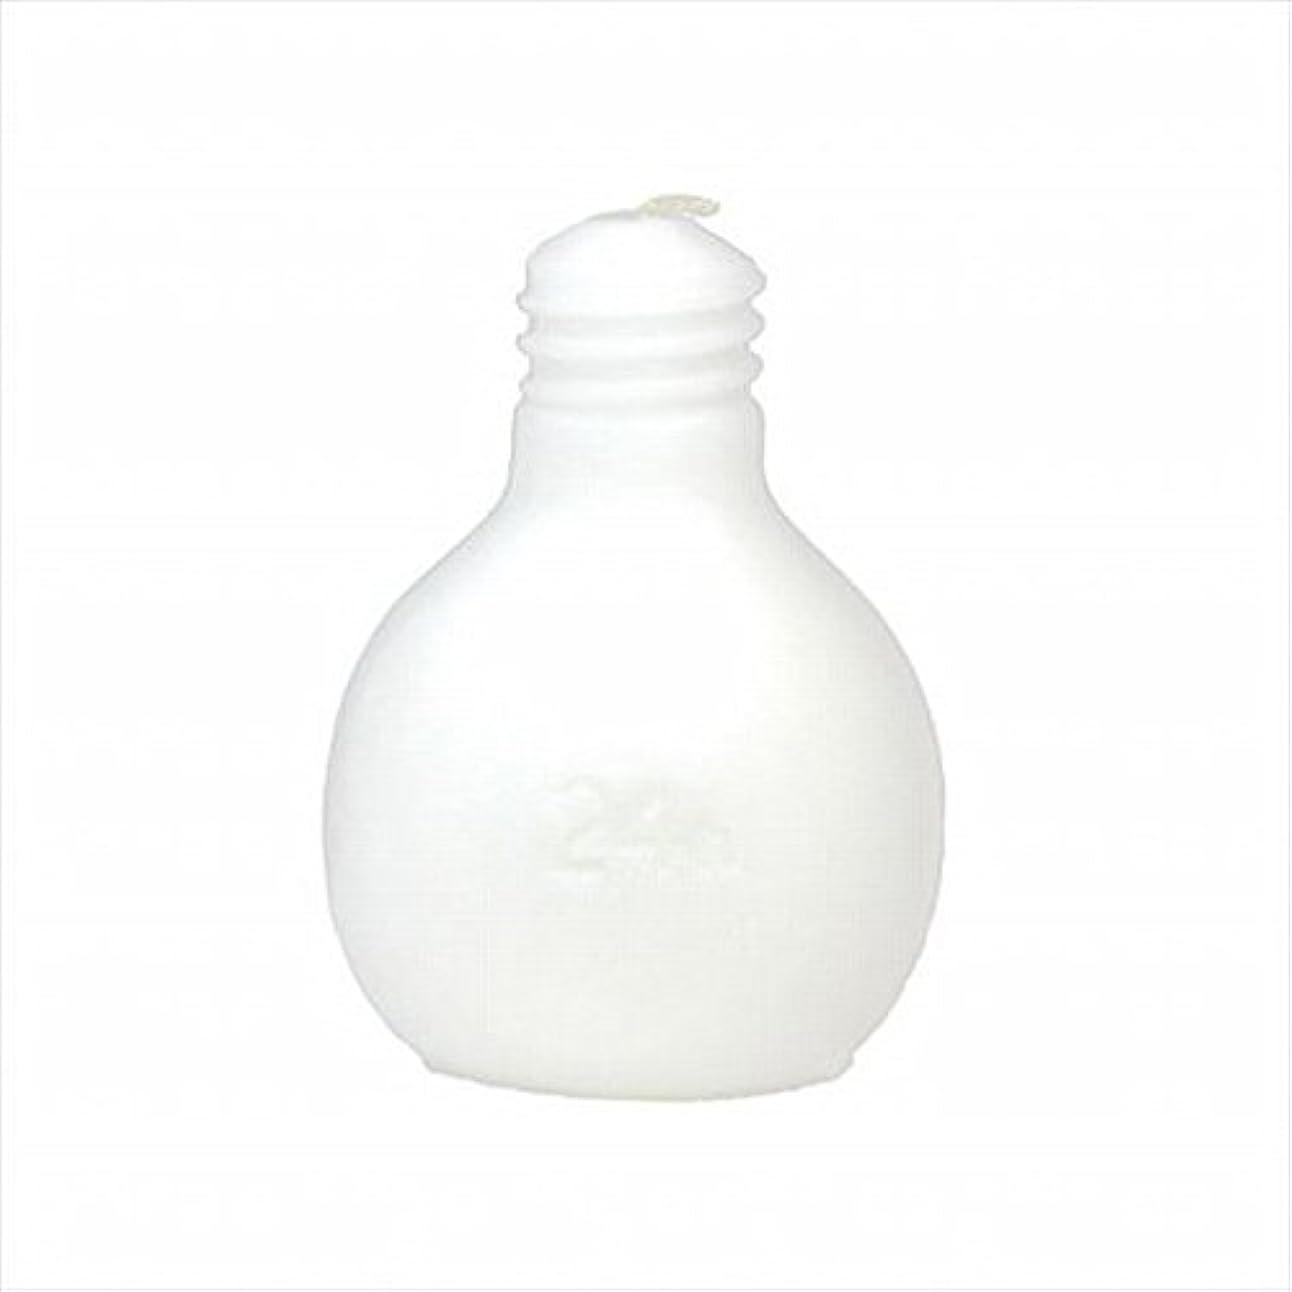 白鳥はず傷つきやすいkameyama candle(カメヤマキャンドル) 節電球キャンドル 「 ホワイト 」 キャンドル 75x75x98mm (A4220000W)